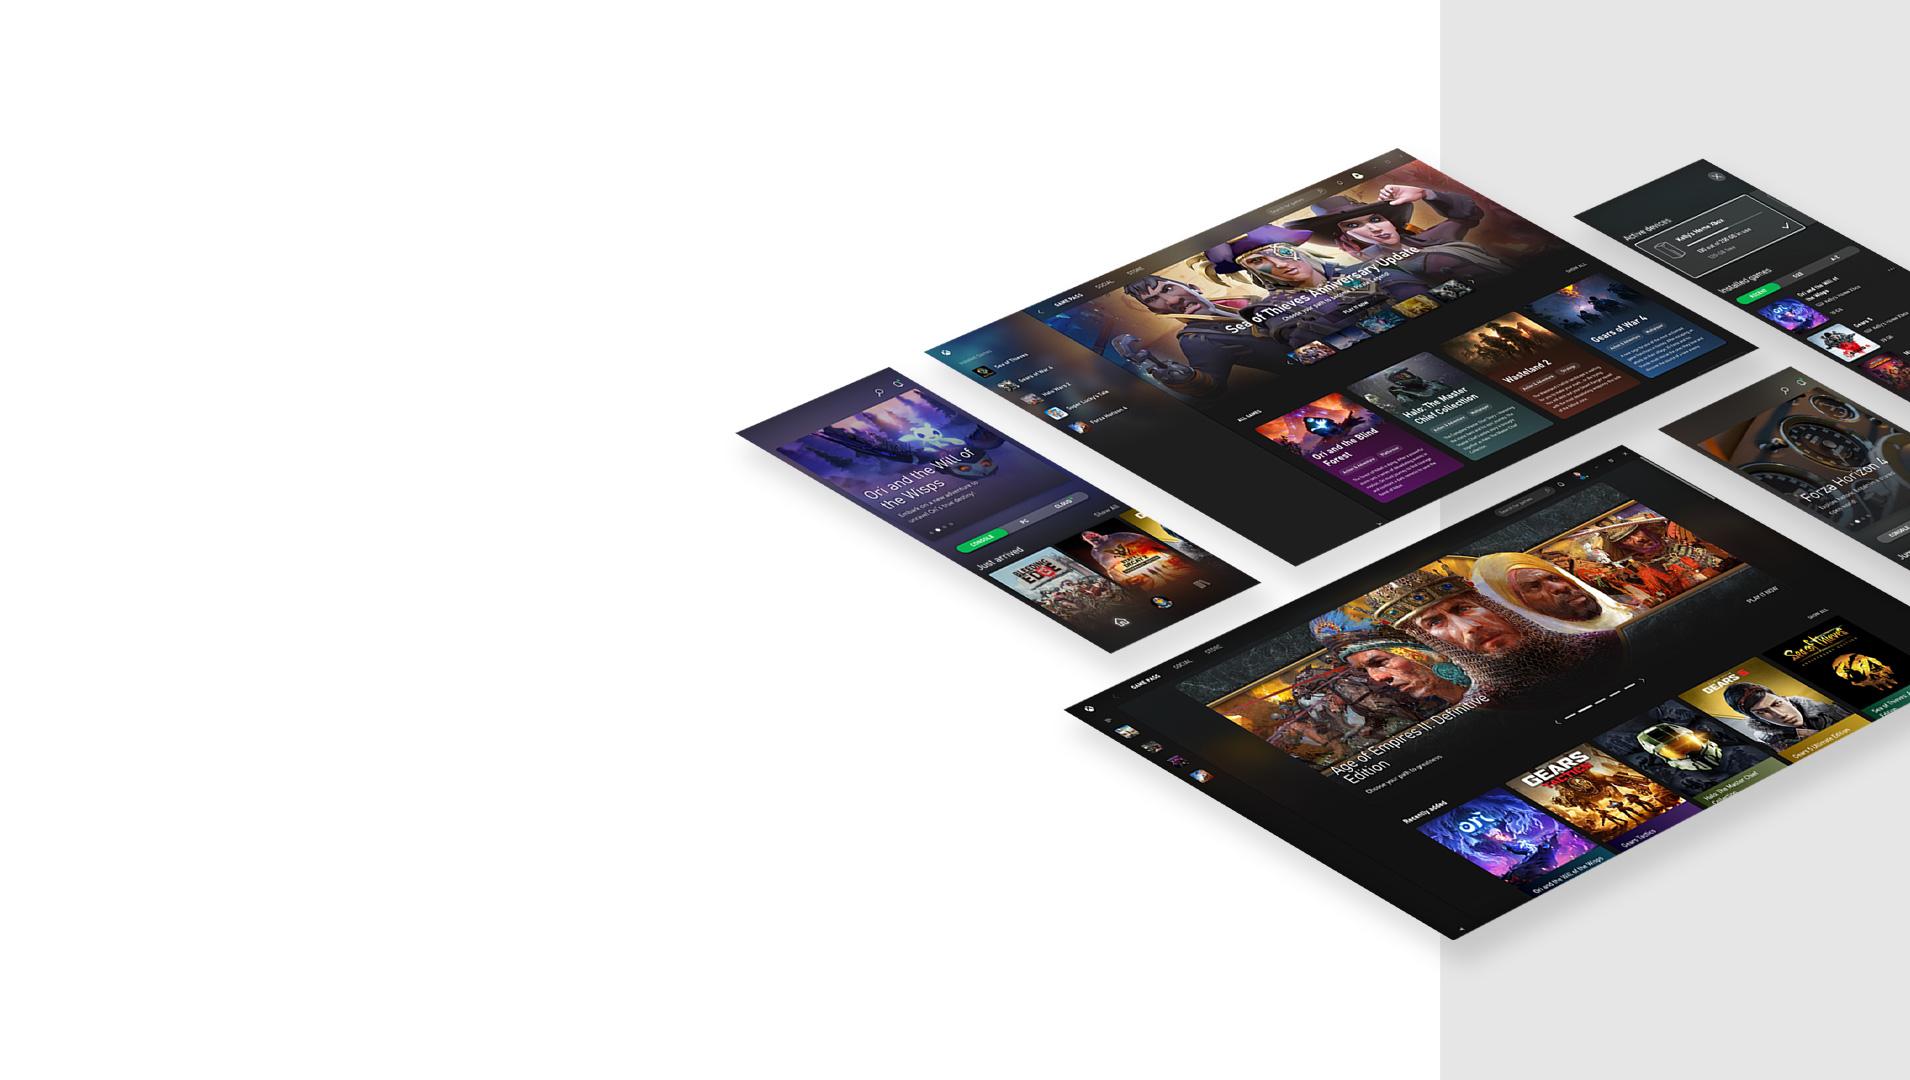 出自 Xbox Game Pass 行動裝置應用程式和適用於電腦的 Xbox 應用程式,漂浮的行動裝置畫面